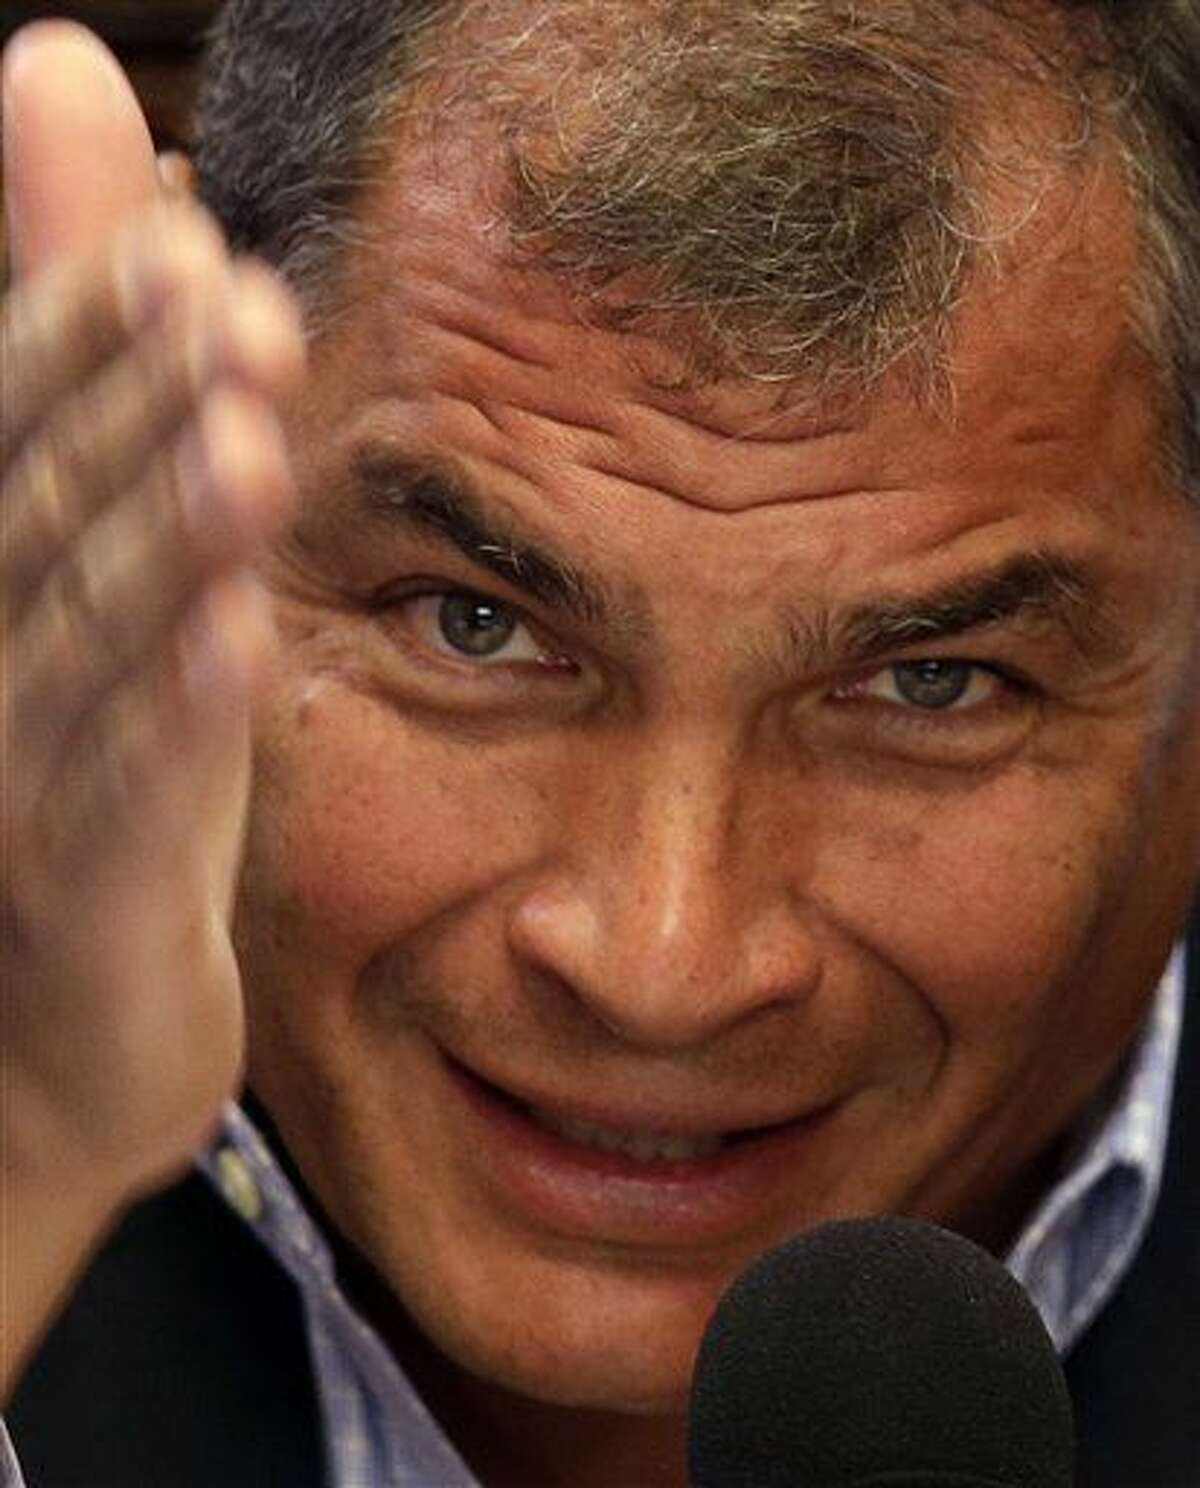 El presidente de Ecuador, Rafael Correa, habla con la prensa en Quito, Ecuador, el martes 5 de julio de 2016. Correa dijo que el encierro de cuatro años de Julian Assange en la embajada de Ecuador en Londres, por presión de Gran Bretaña y Suecia, afecta a los derechos humanos del creador de WikiLeaks.(Foto AP / Dolores Ochoa)